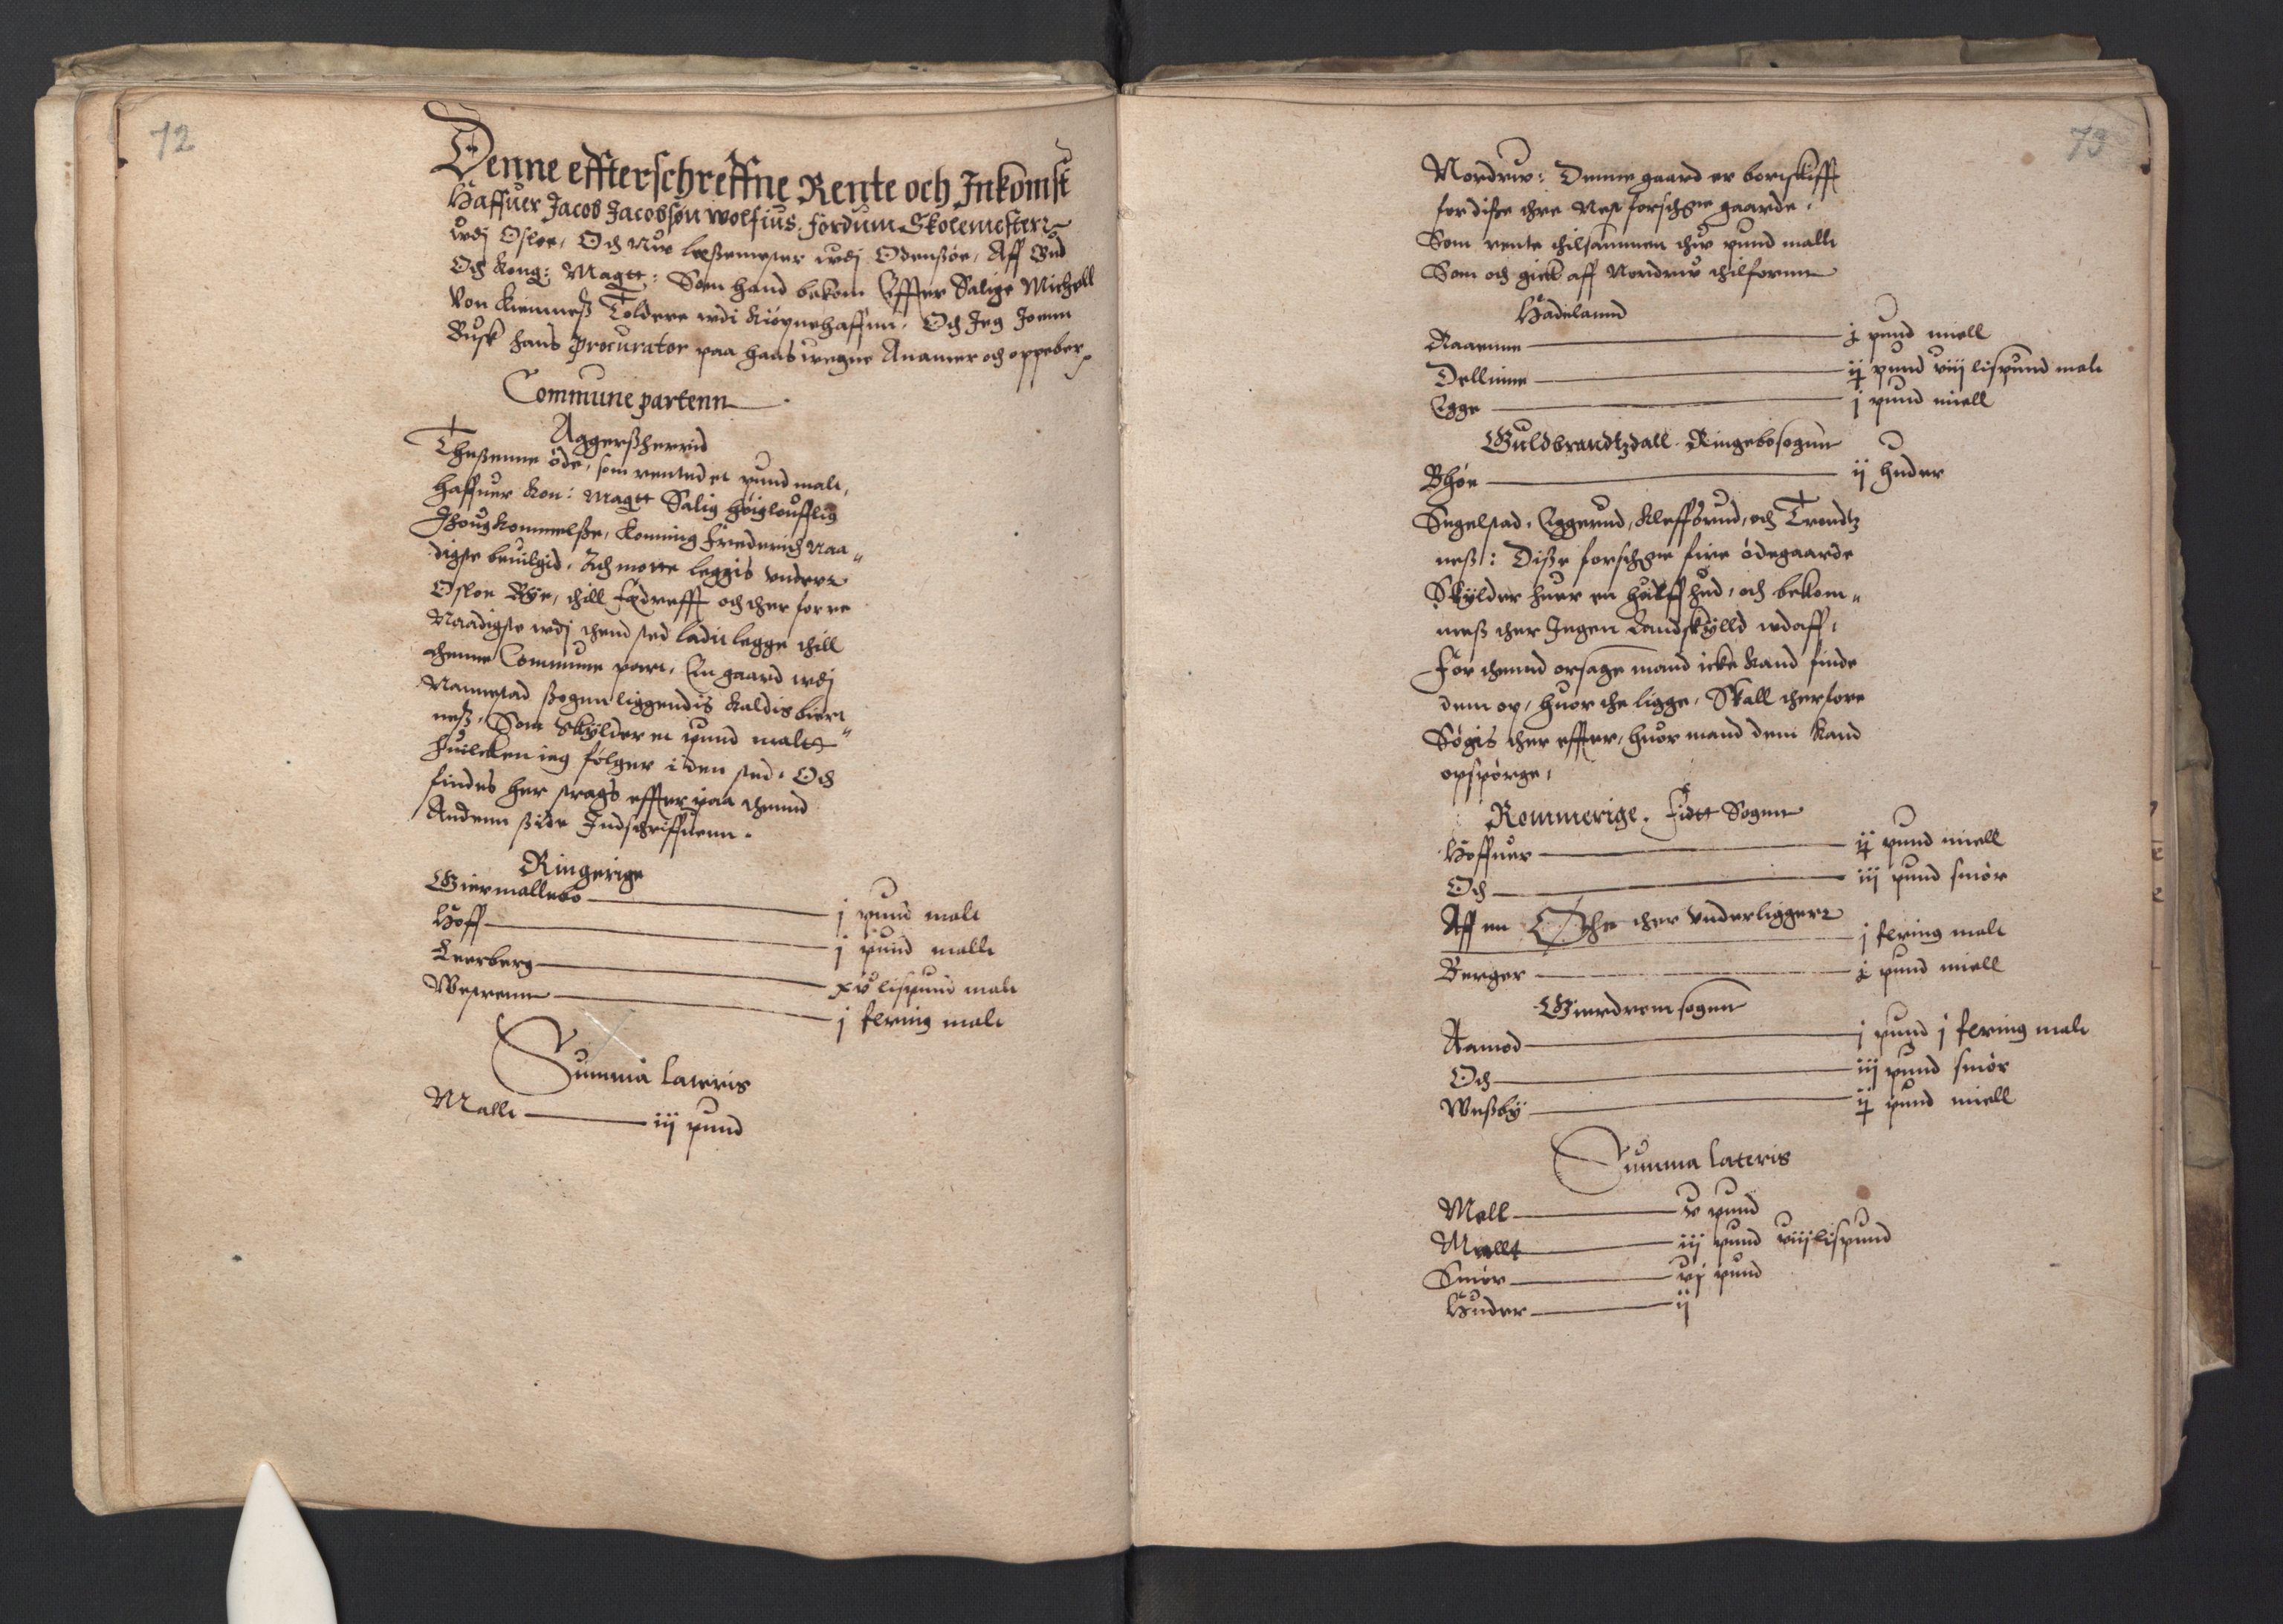 RA, Stattholderembetet 1572-1771, Ek/L0001: Jordebøker før 1624 og til utligning av garnisonsskatt 1624-1626:, 1595, s. 72-73